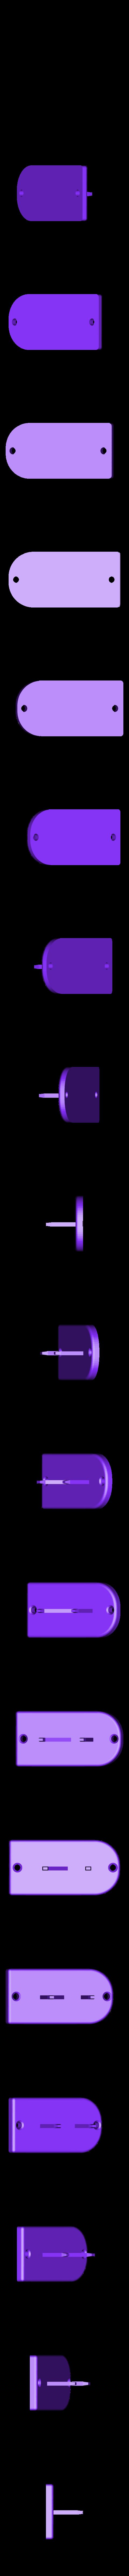 Anchor hook base v6.stl Download STL file Anchor hook  • 3D print model, SirPalmBranch